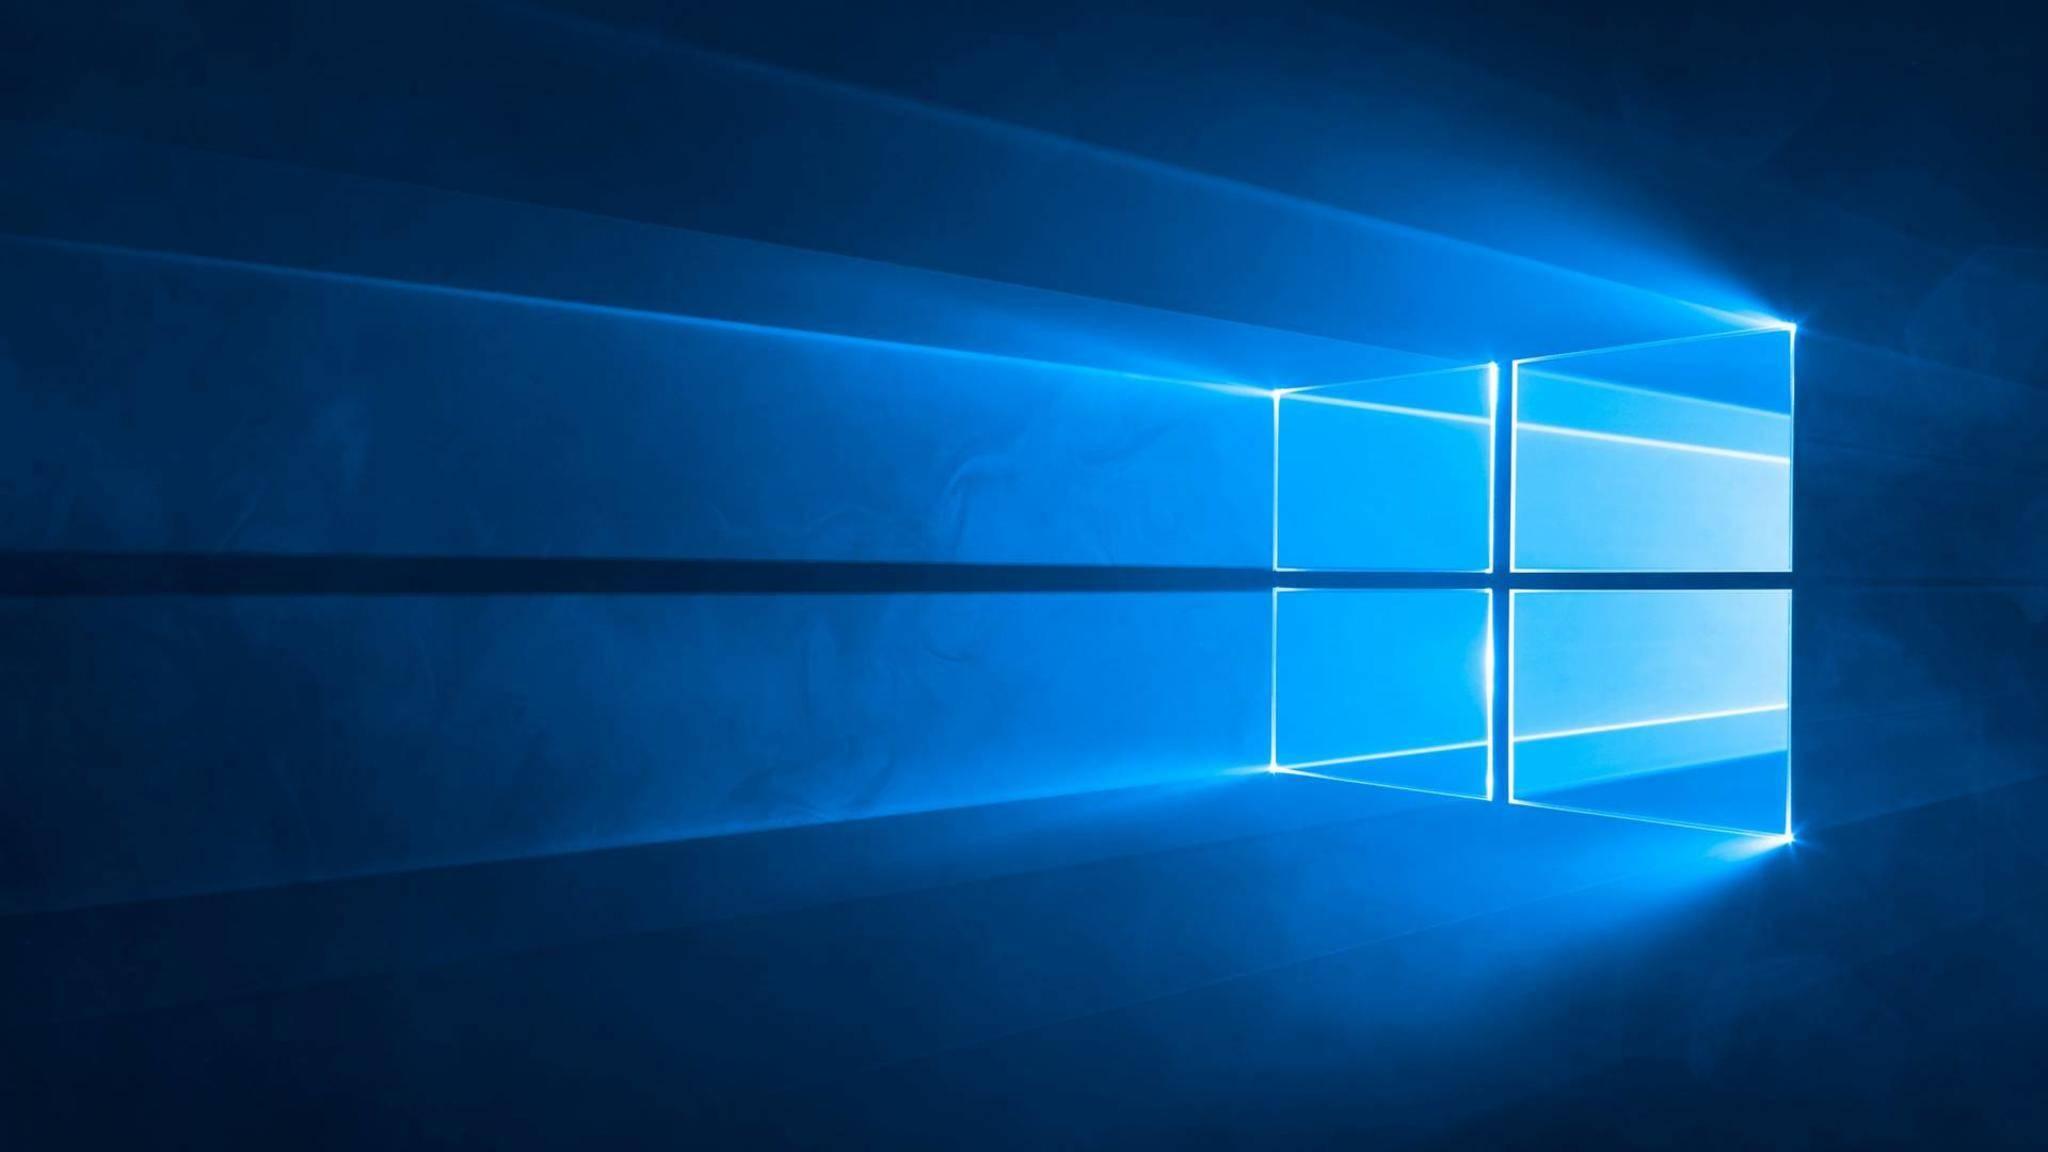 Mit Windows 10 kannst Du das Ausschalten des PCs vortimen.